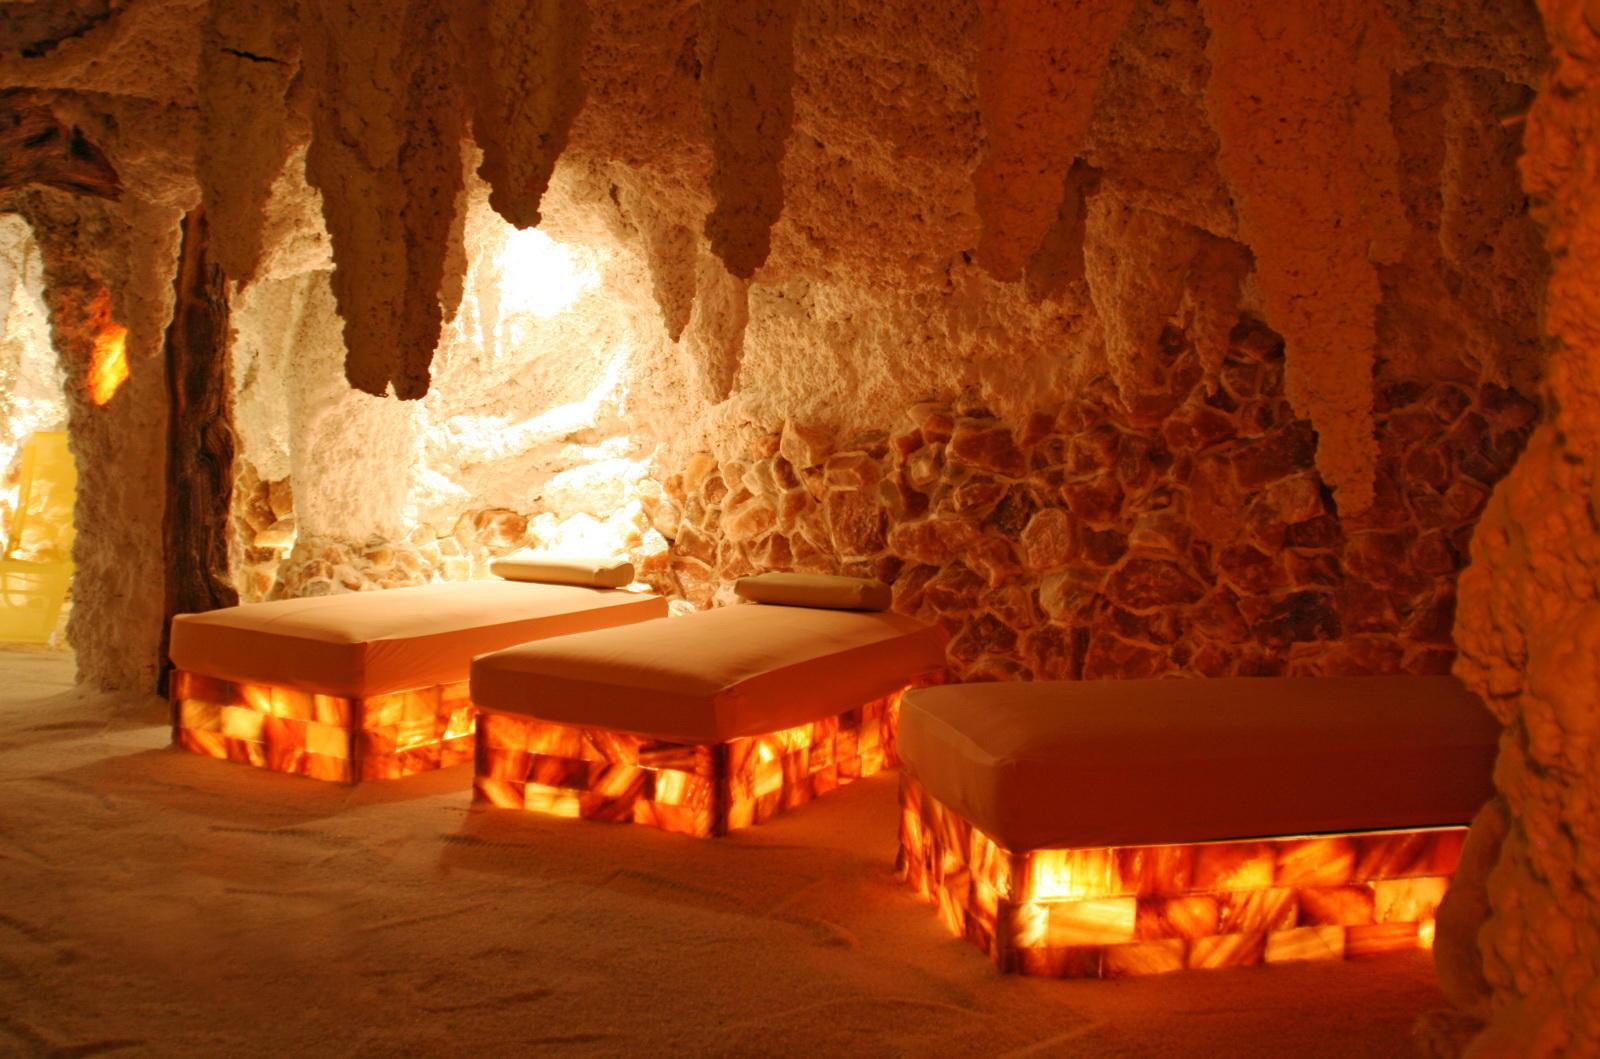 Использование в декоративных каминах солевых ламп для создания искусственного пламени считается самой полезным и эффективным способом